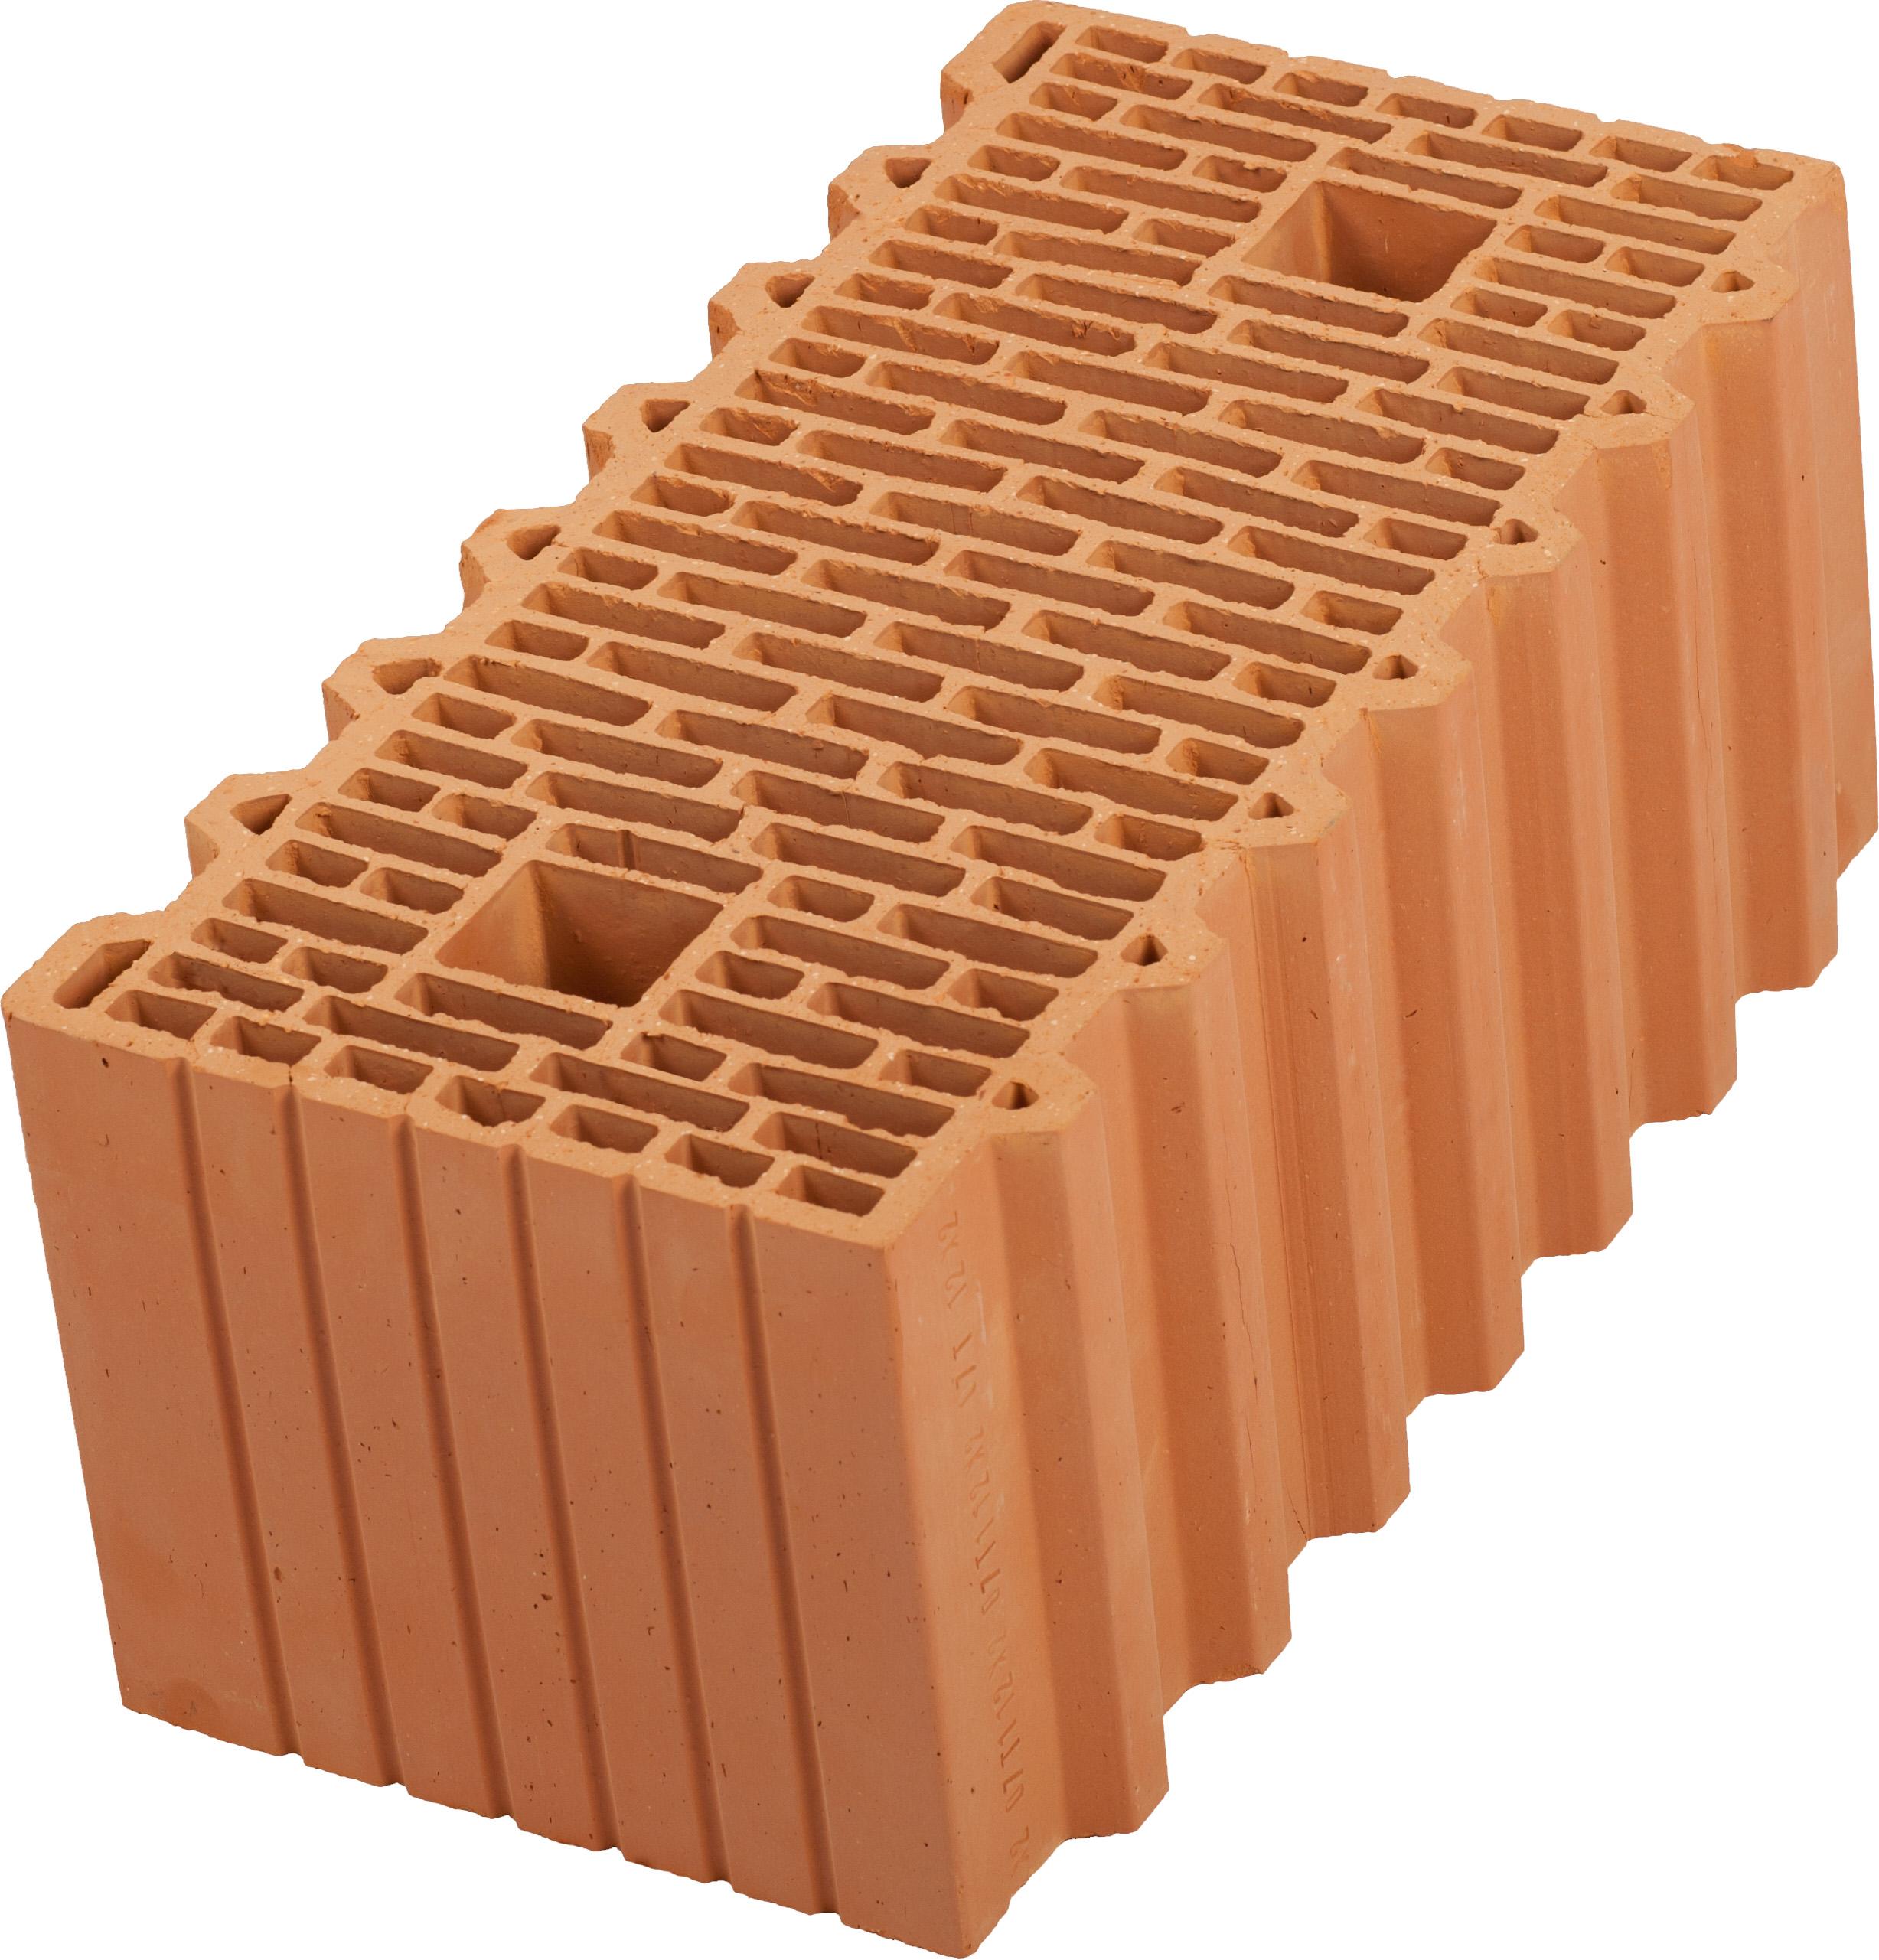 Керамический блок (камень) Porotherm 51 (PTH 51), поризованный